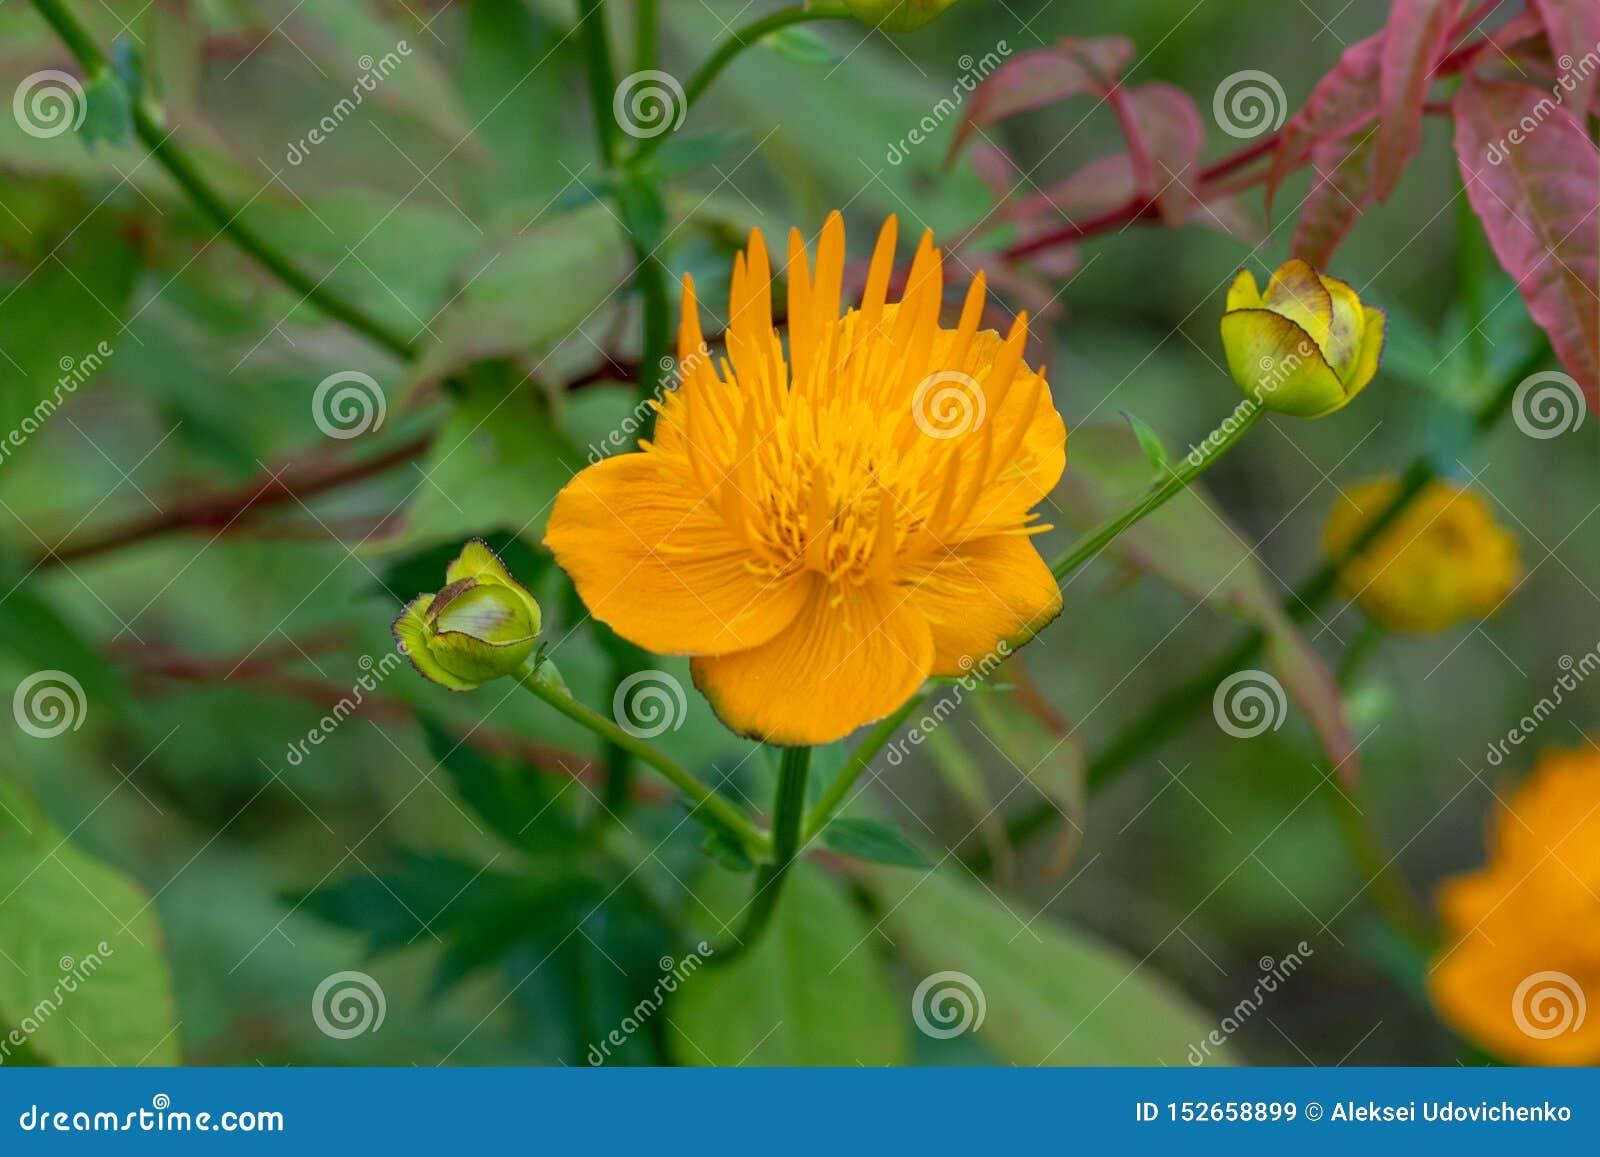 Macroschot van oranje bloemen in een zachte nadruk